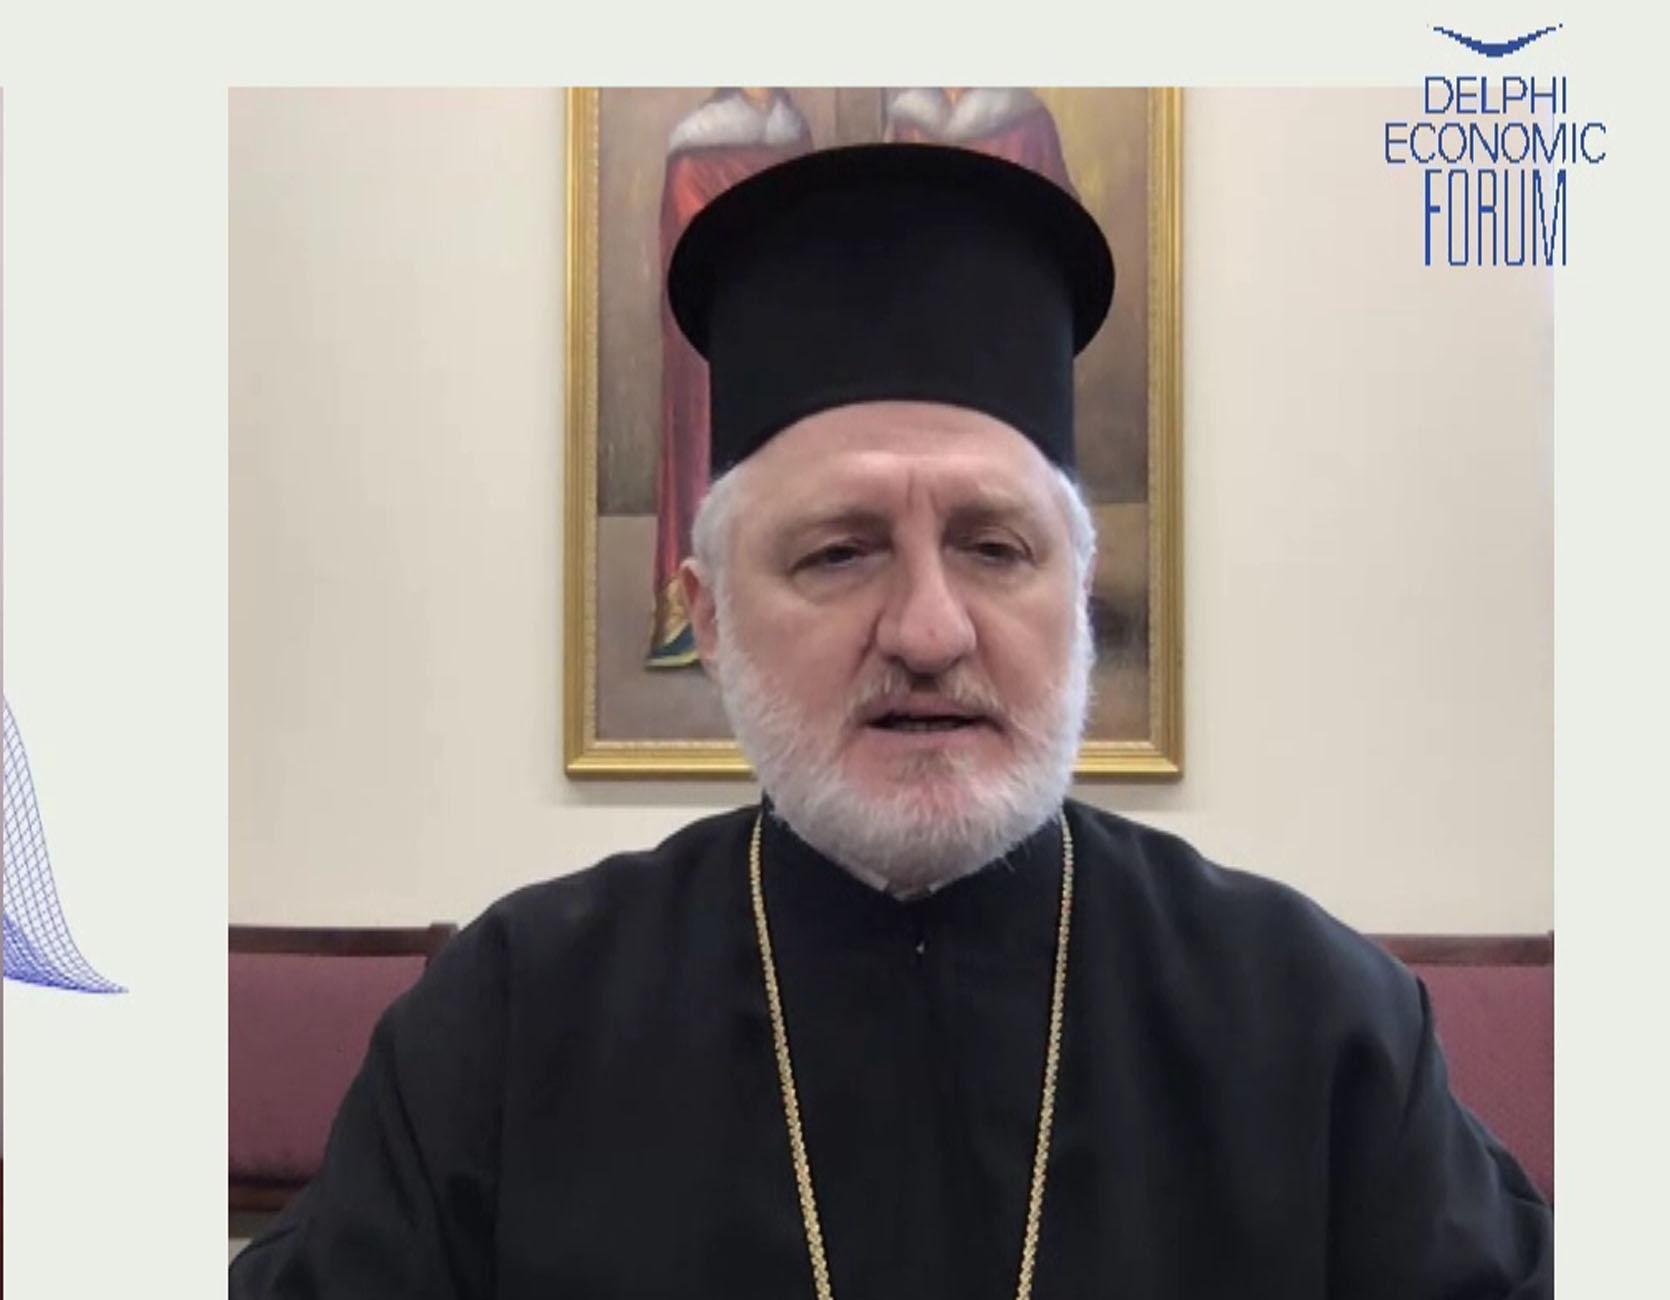 Αρχιεπίσκοπος Ελπιδοφόρος: Η επαναλειτουργία της Χάλκης ουσιαστική για προστασία της θρησκευτικής ελευθερίας